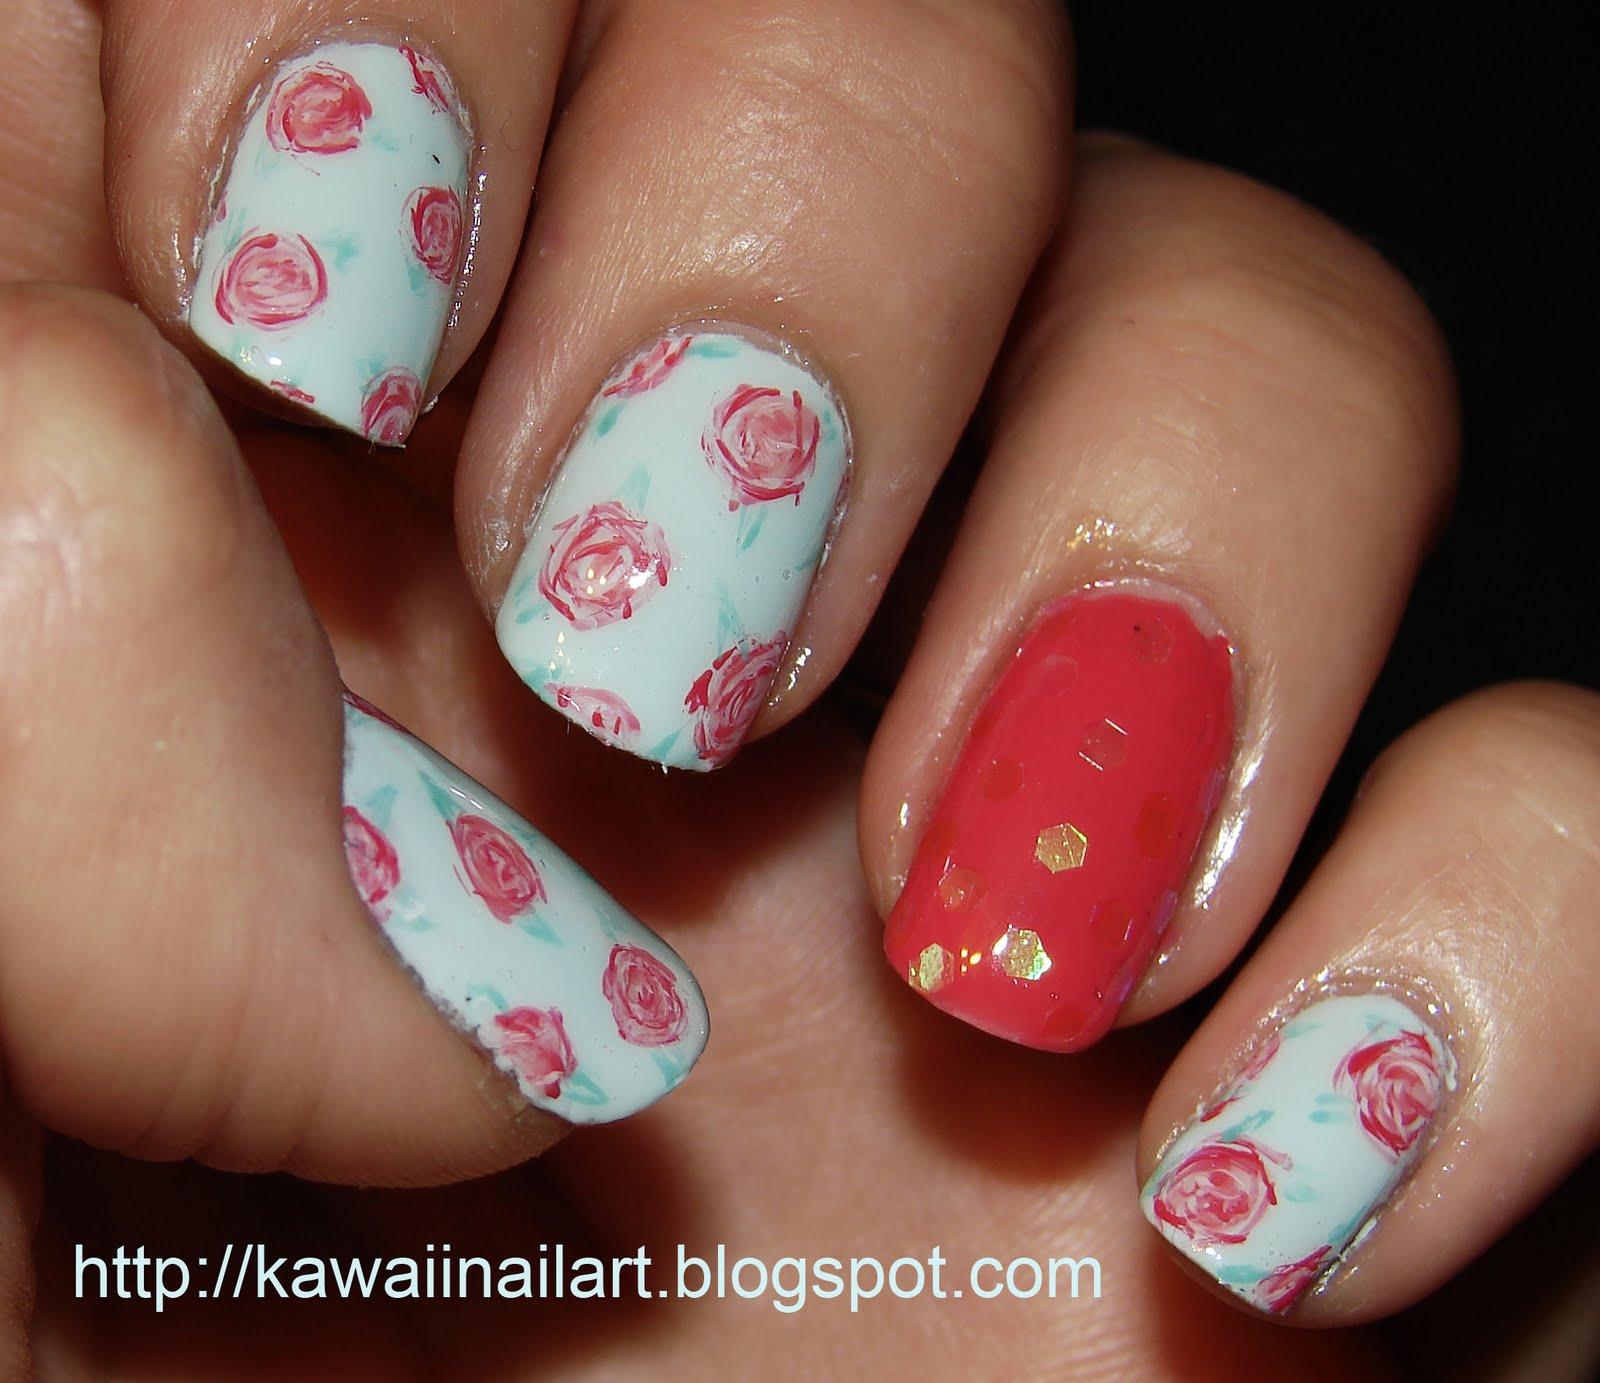 kawaii nail art pink roses on baby blue nail art